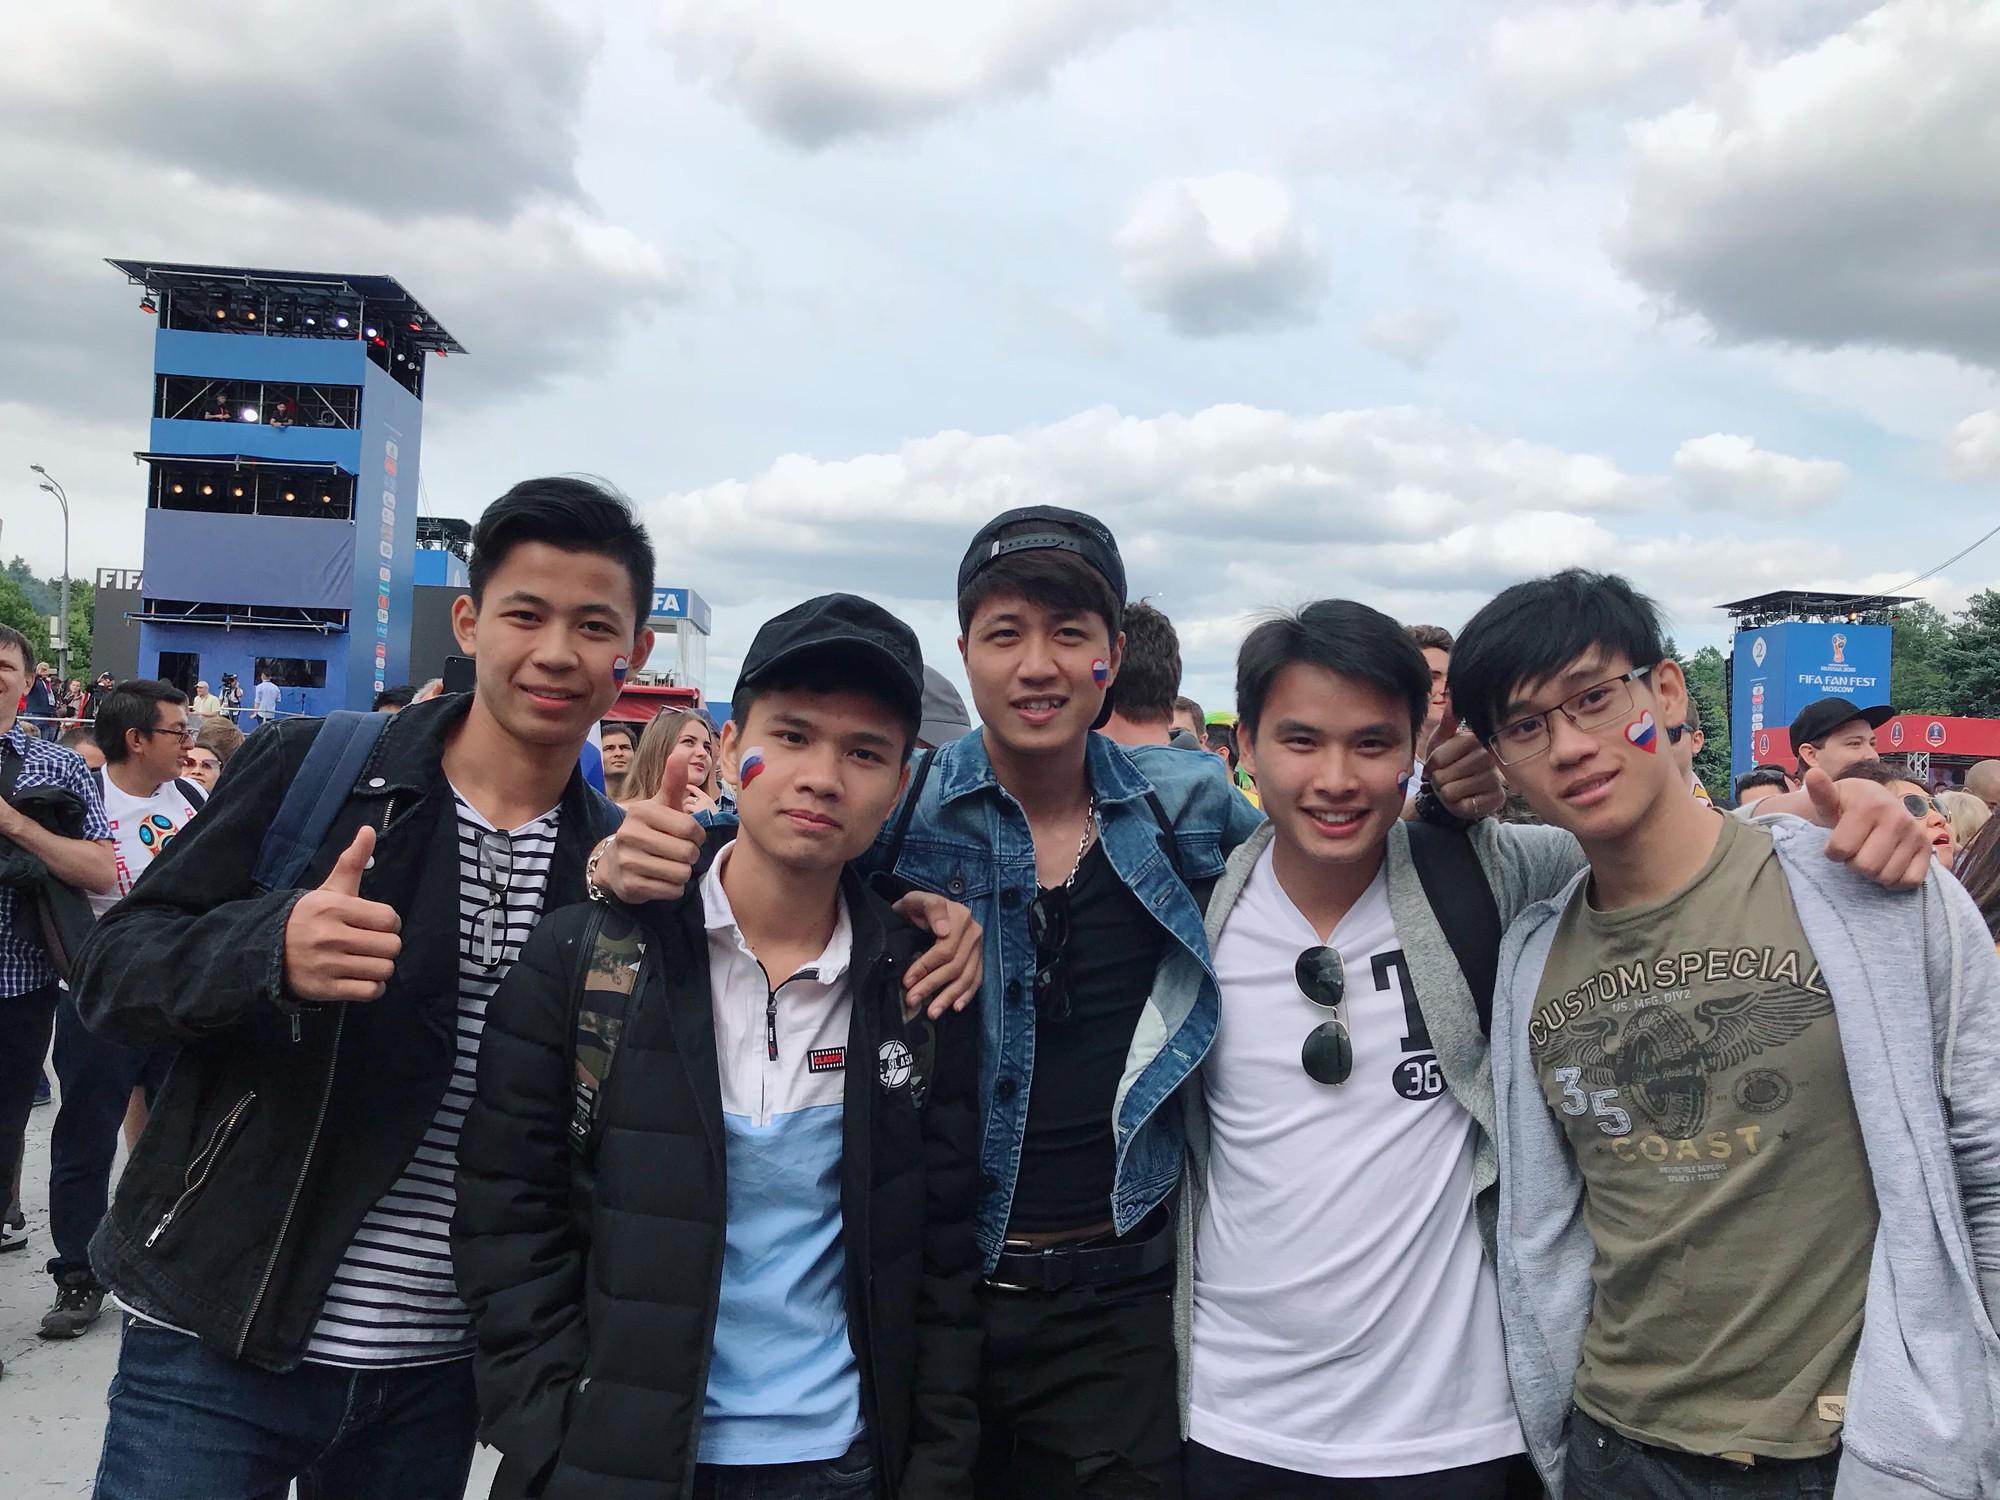 Du học sinh Việt tại Nga đang khiến bạn bè ở quê nhà ghen tỵ vì được đến tận nơi xem World Cup 2018 - ảnh 1